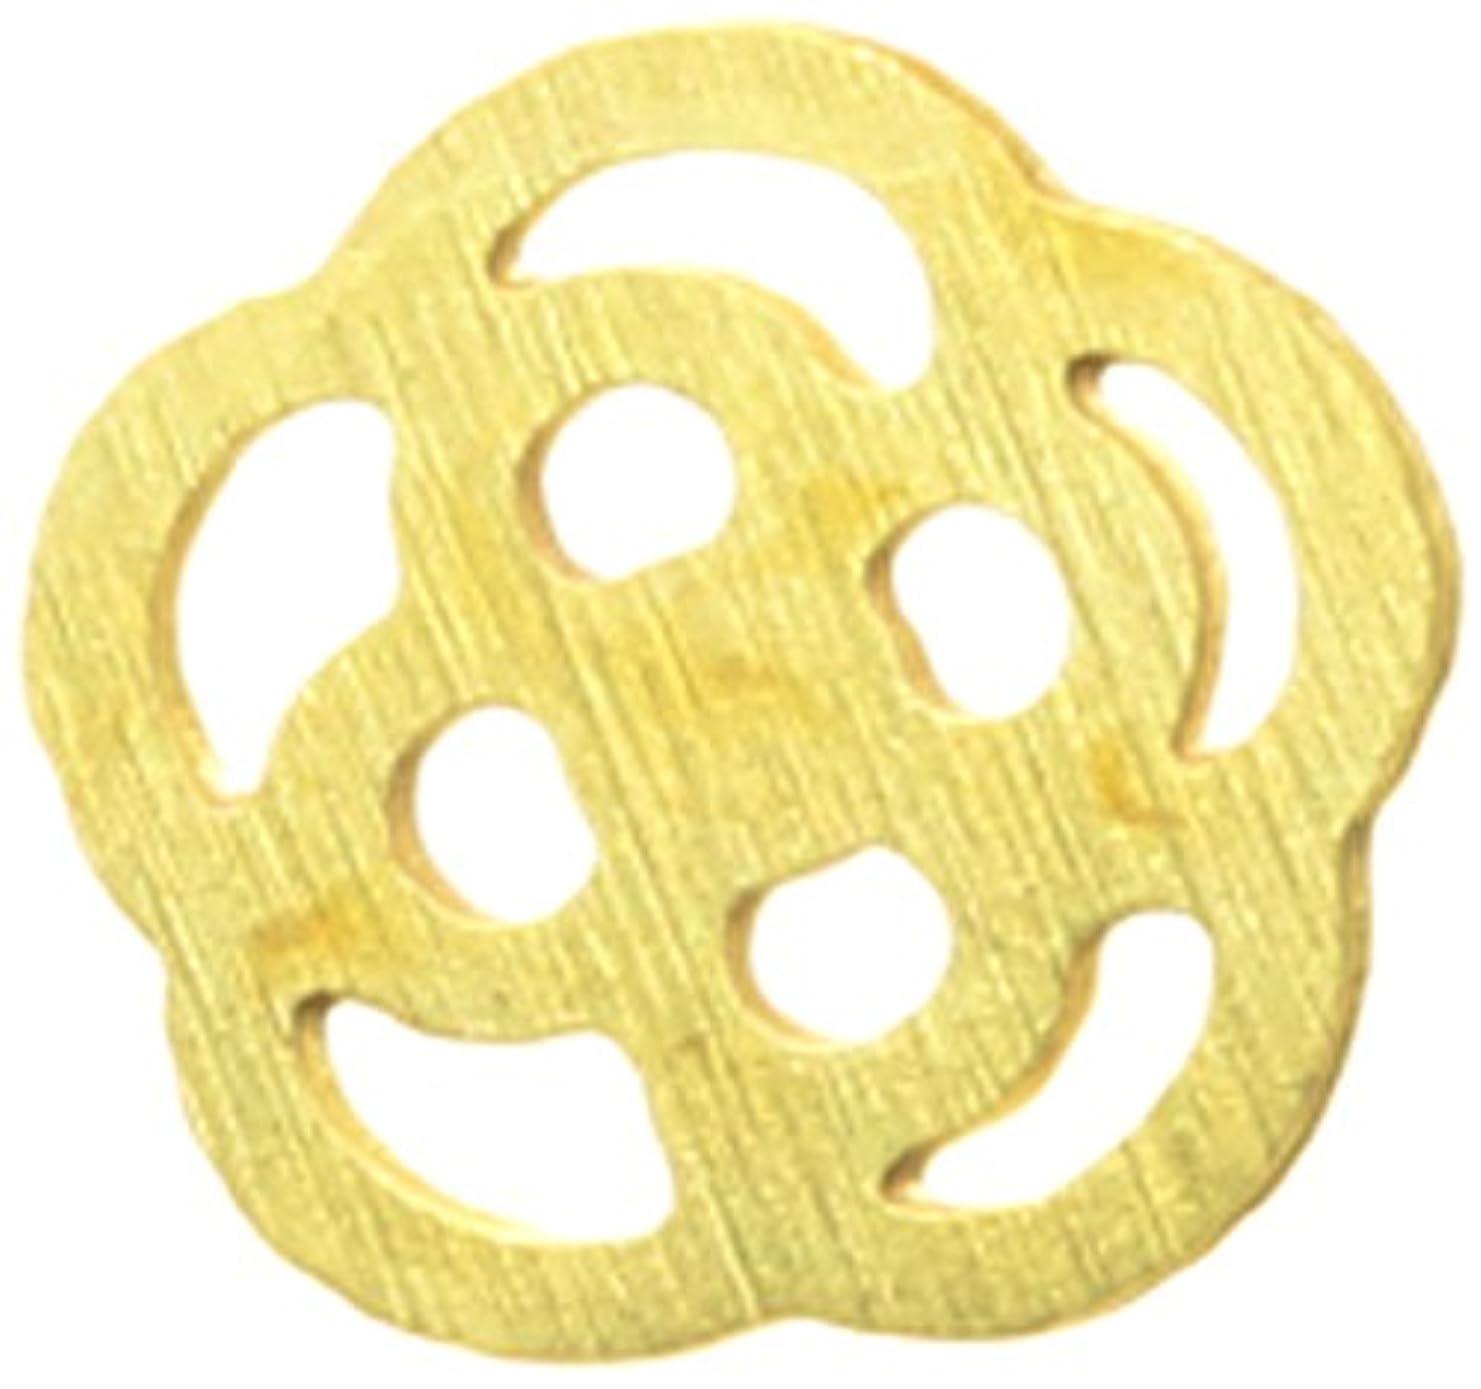 ギャングスターとげ新聞メタルプレート(ネイルストーン デコ) カメリア(30個入り) ゴールド(ネイル用品)